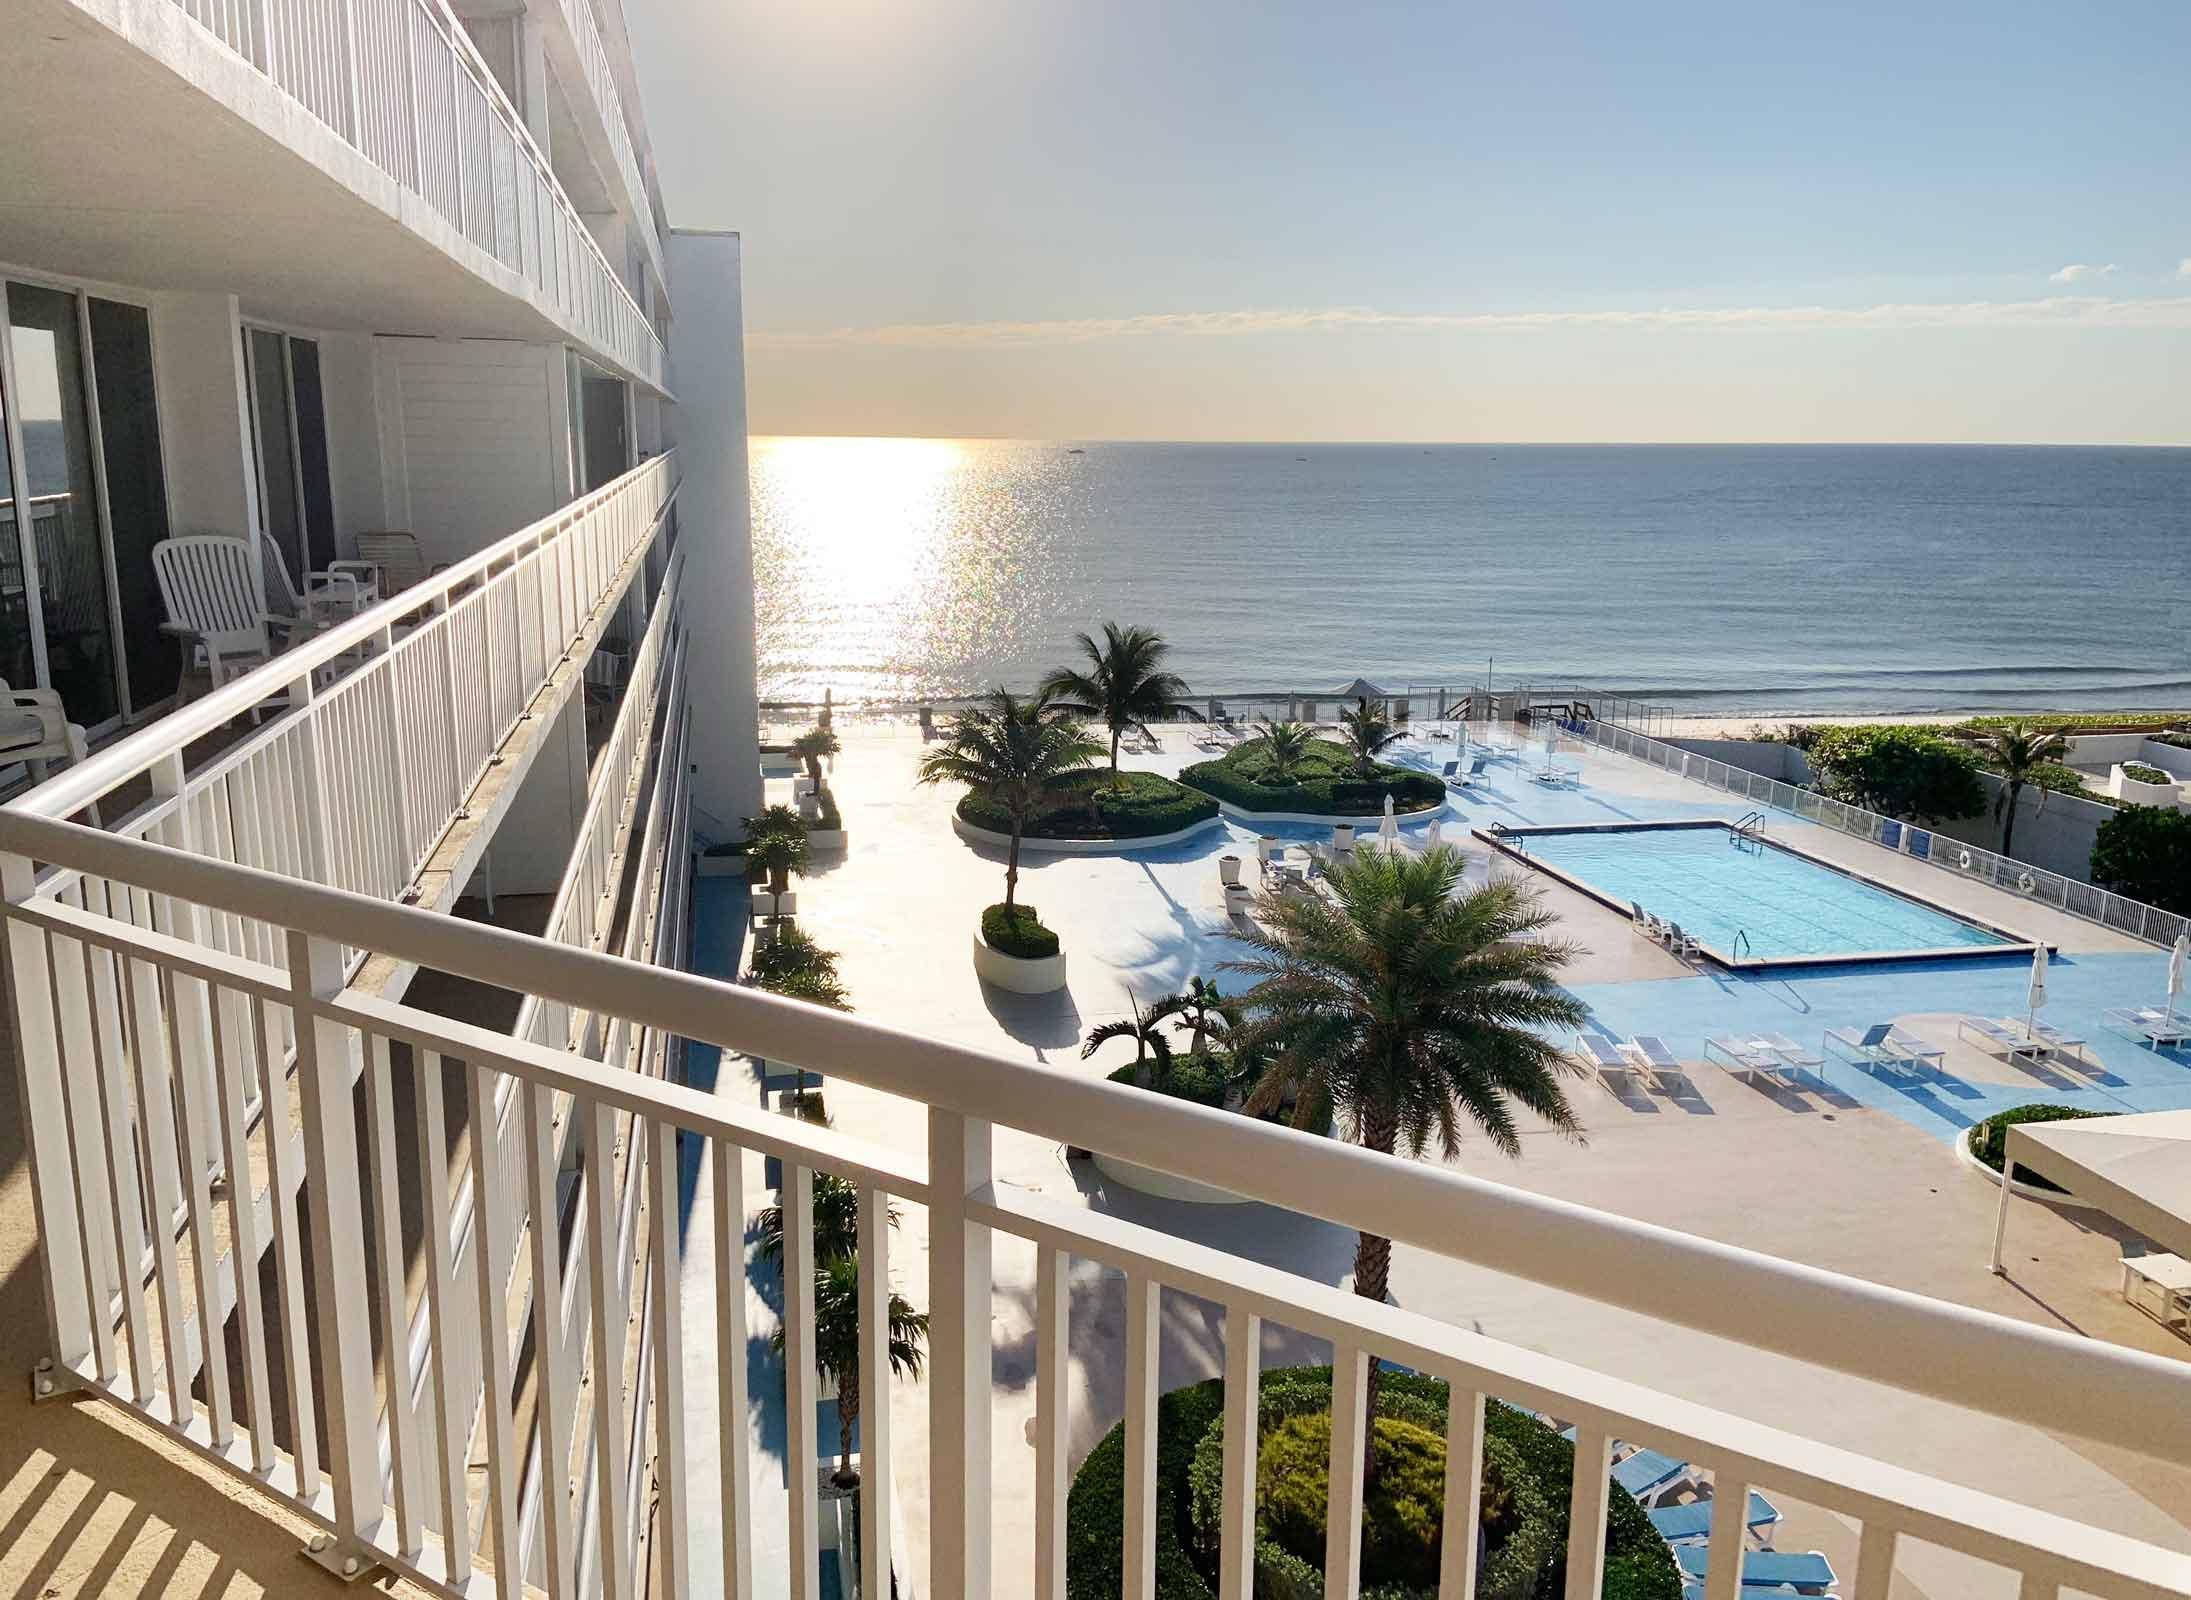 3546 Ocean Boulevard, South Palm Beach, Florida 33480, 3 Bedrooms Bedrooms, ,2.1 BathroomsBathrooms,Condo/Coop,For Sale,Barclay,Ocean,7,RX-10515600